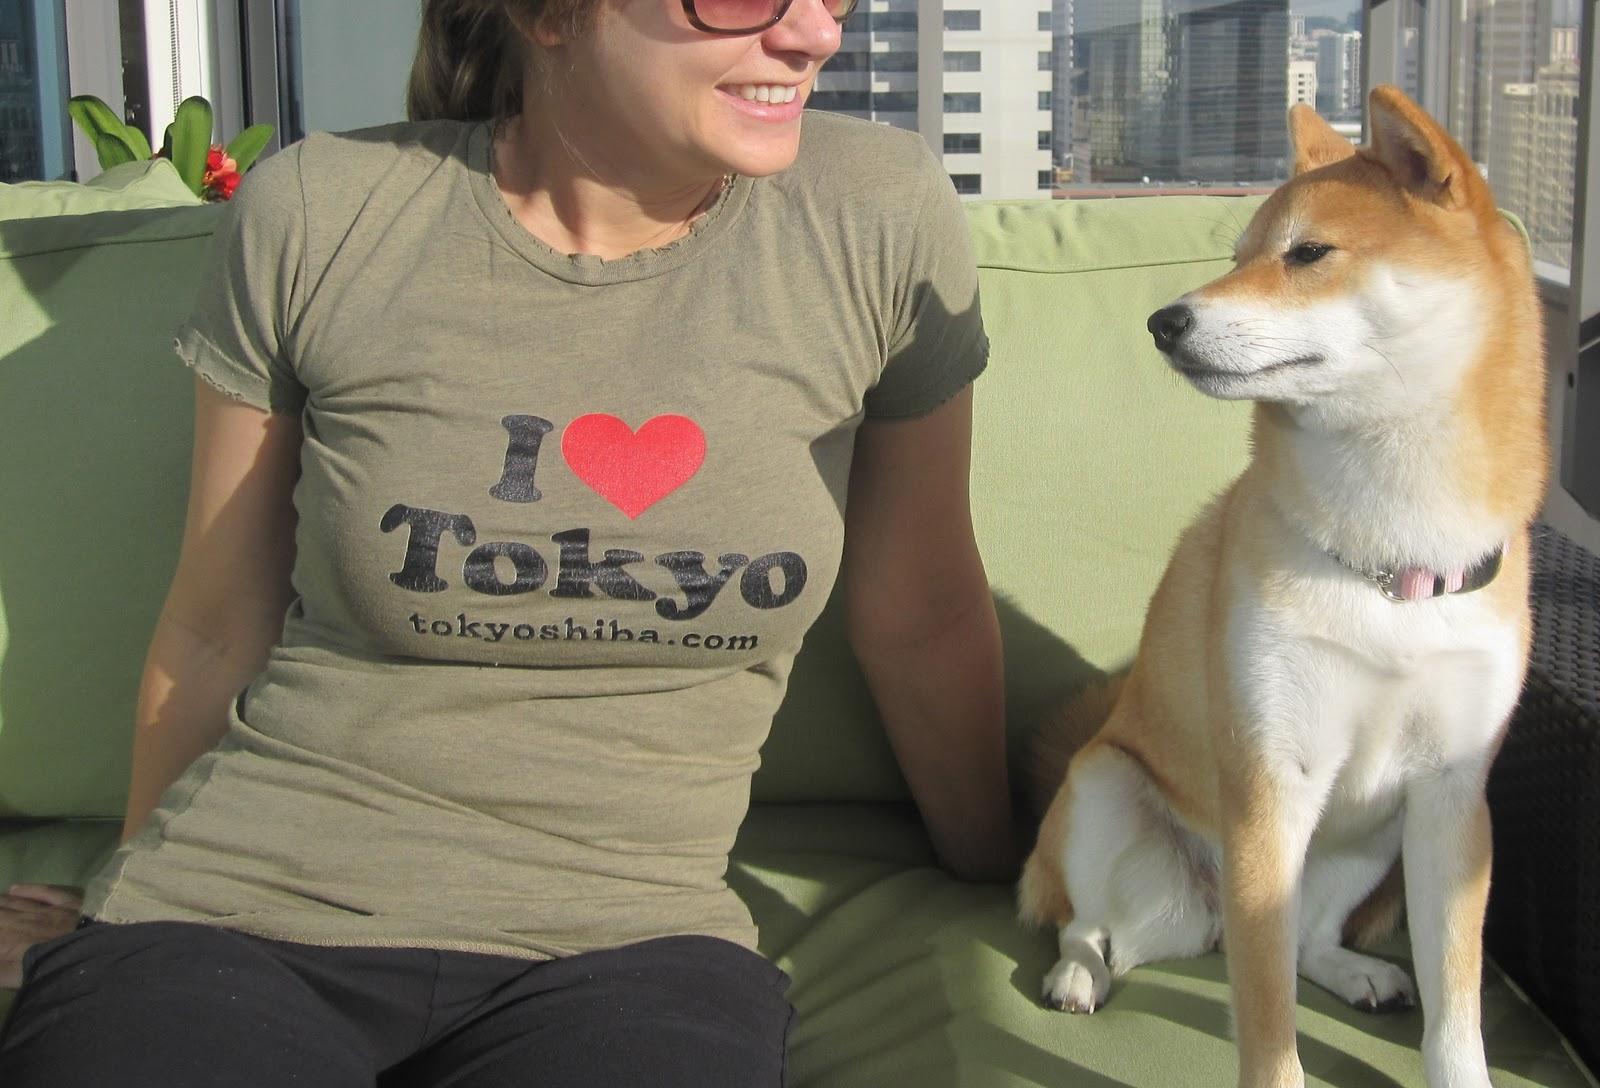 Tokyo: My Shiba Inu Life: I ♥ Tokyo